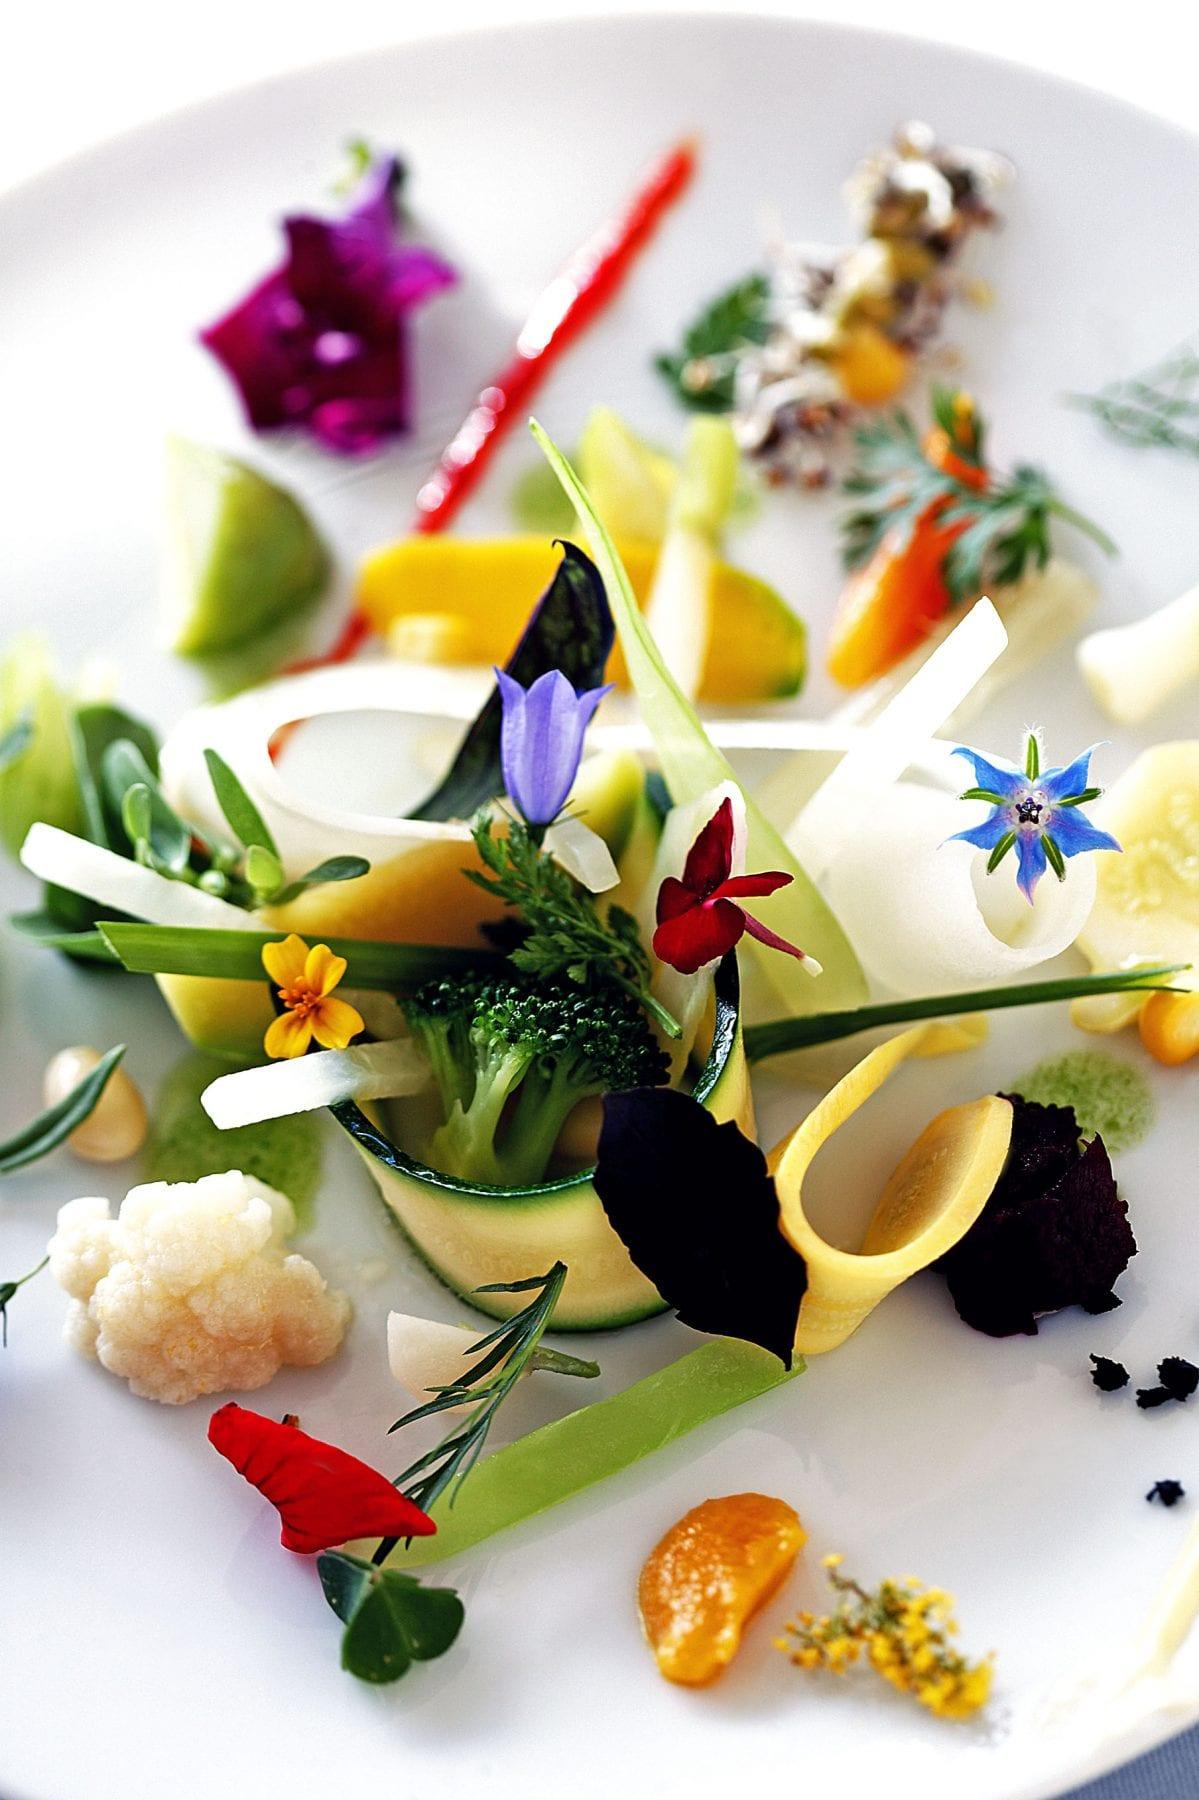 Hotel Restaurant De Michel Bras